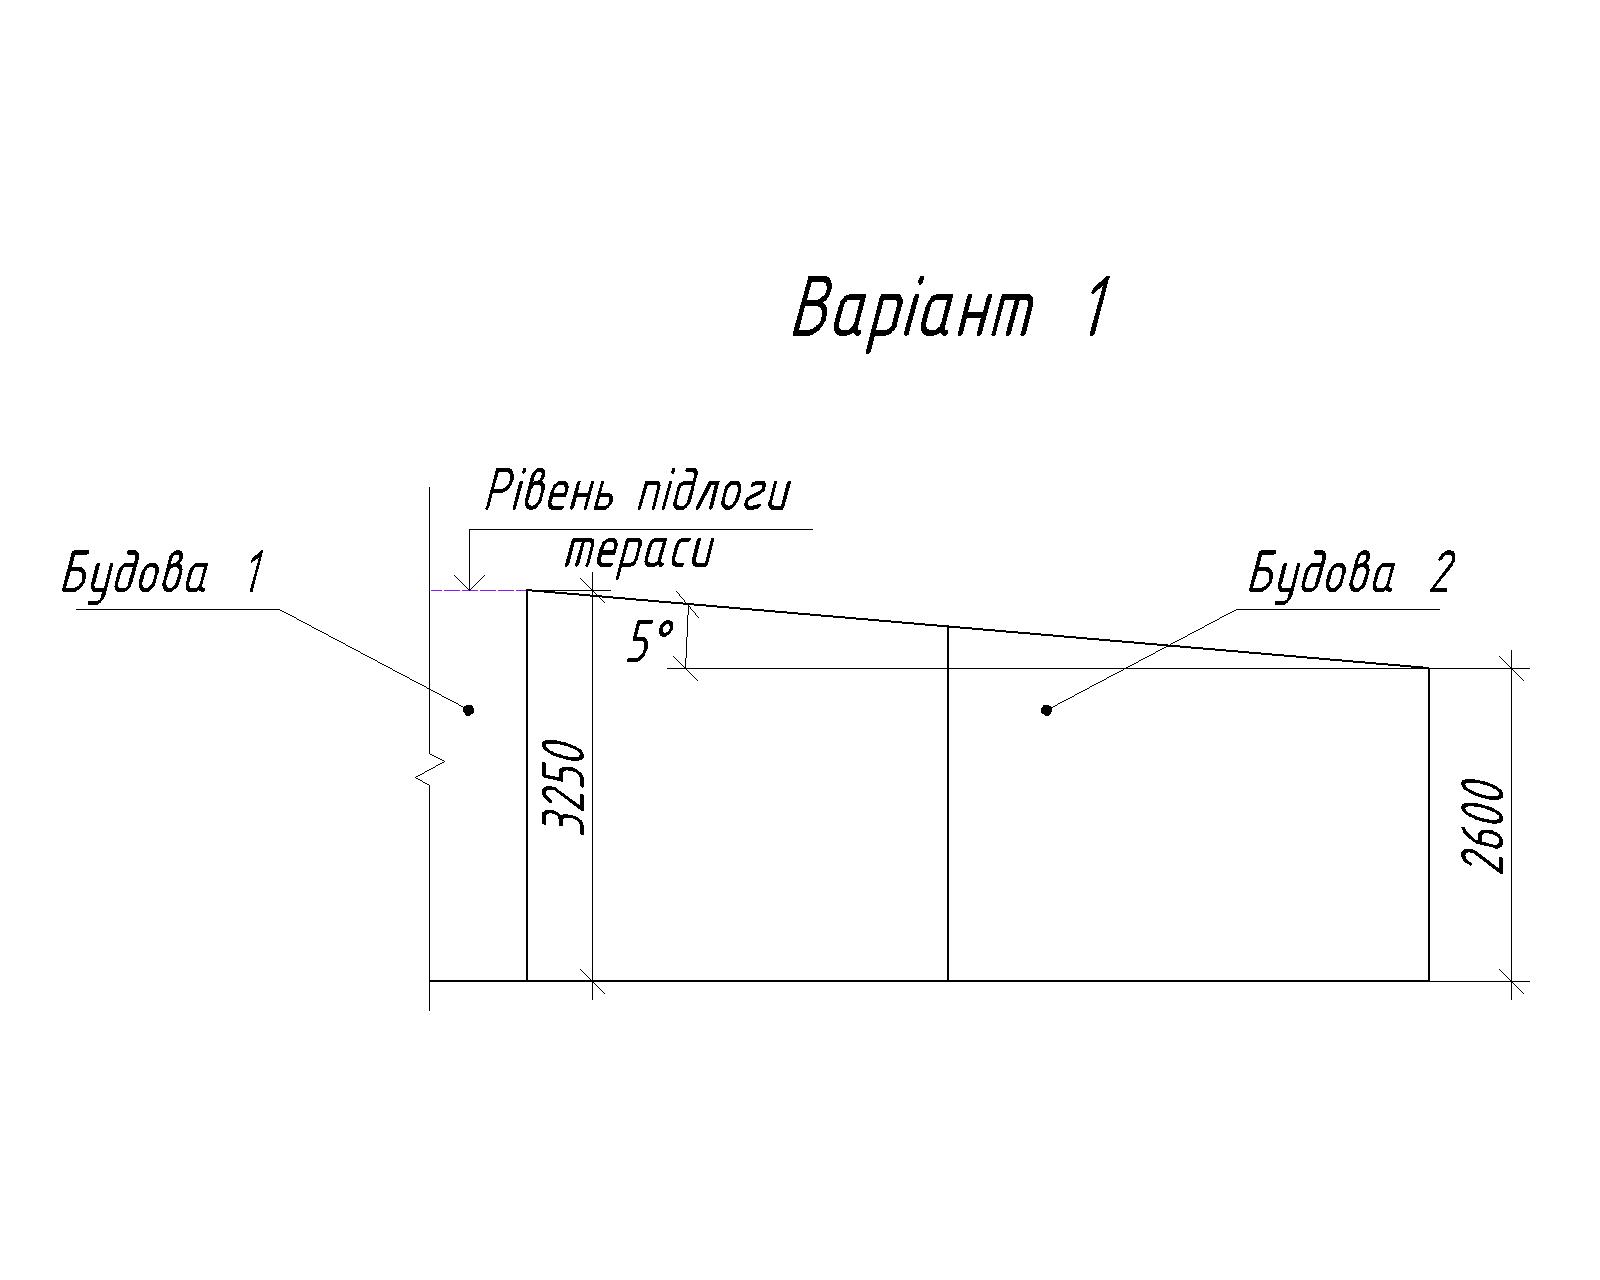 Нажмите на изображение для увеличения Название: Примыкание крыши вар 1.png Просмотров: 305 Размер:16.2 Кб ID:433179